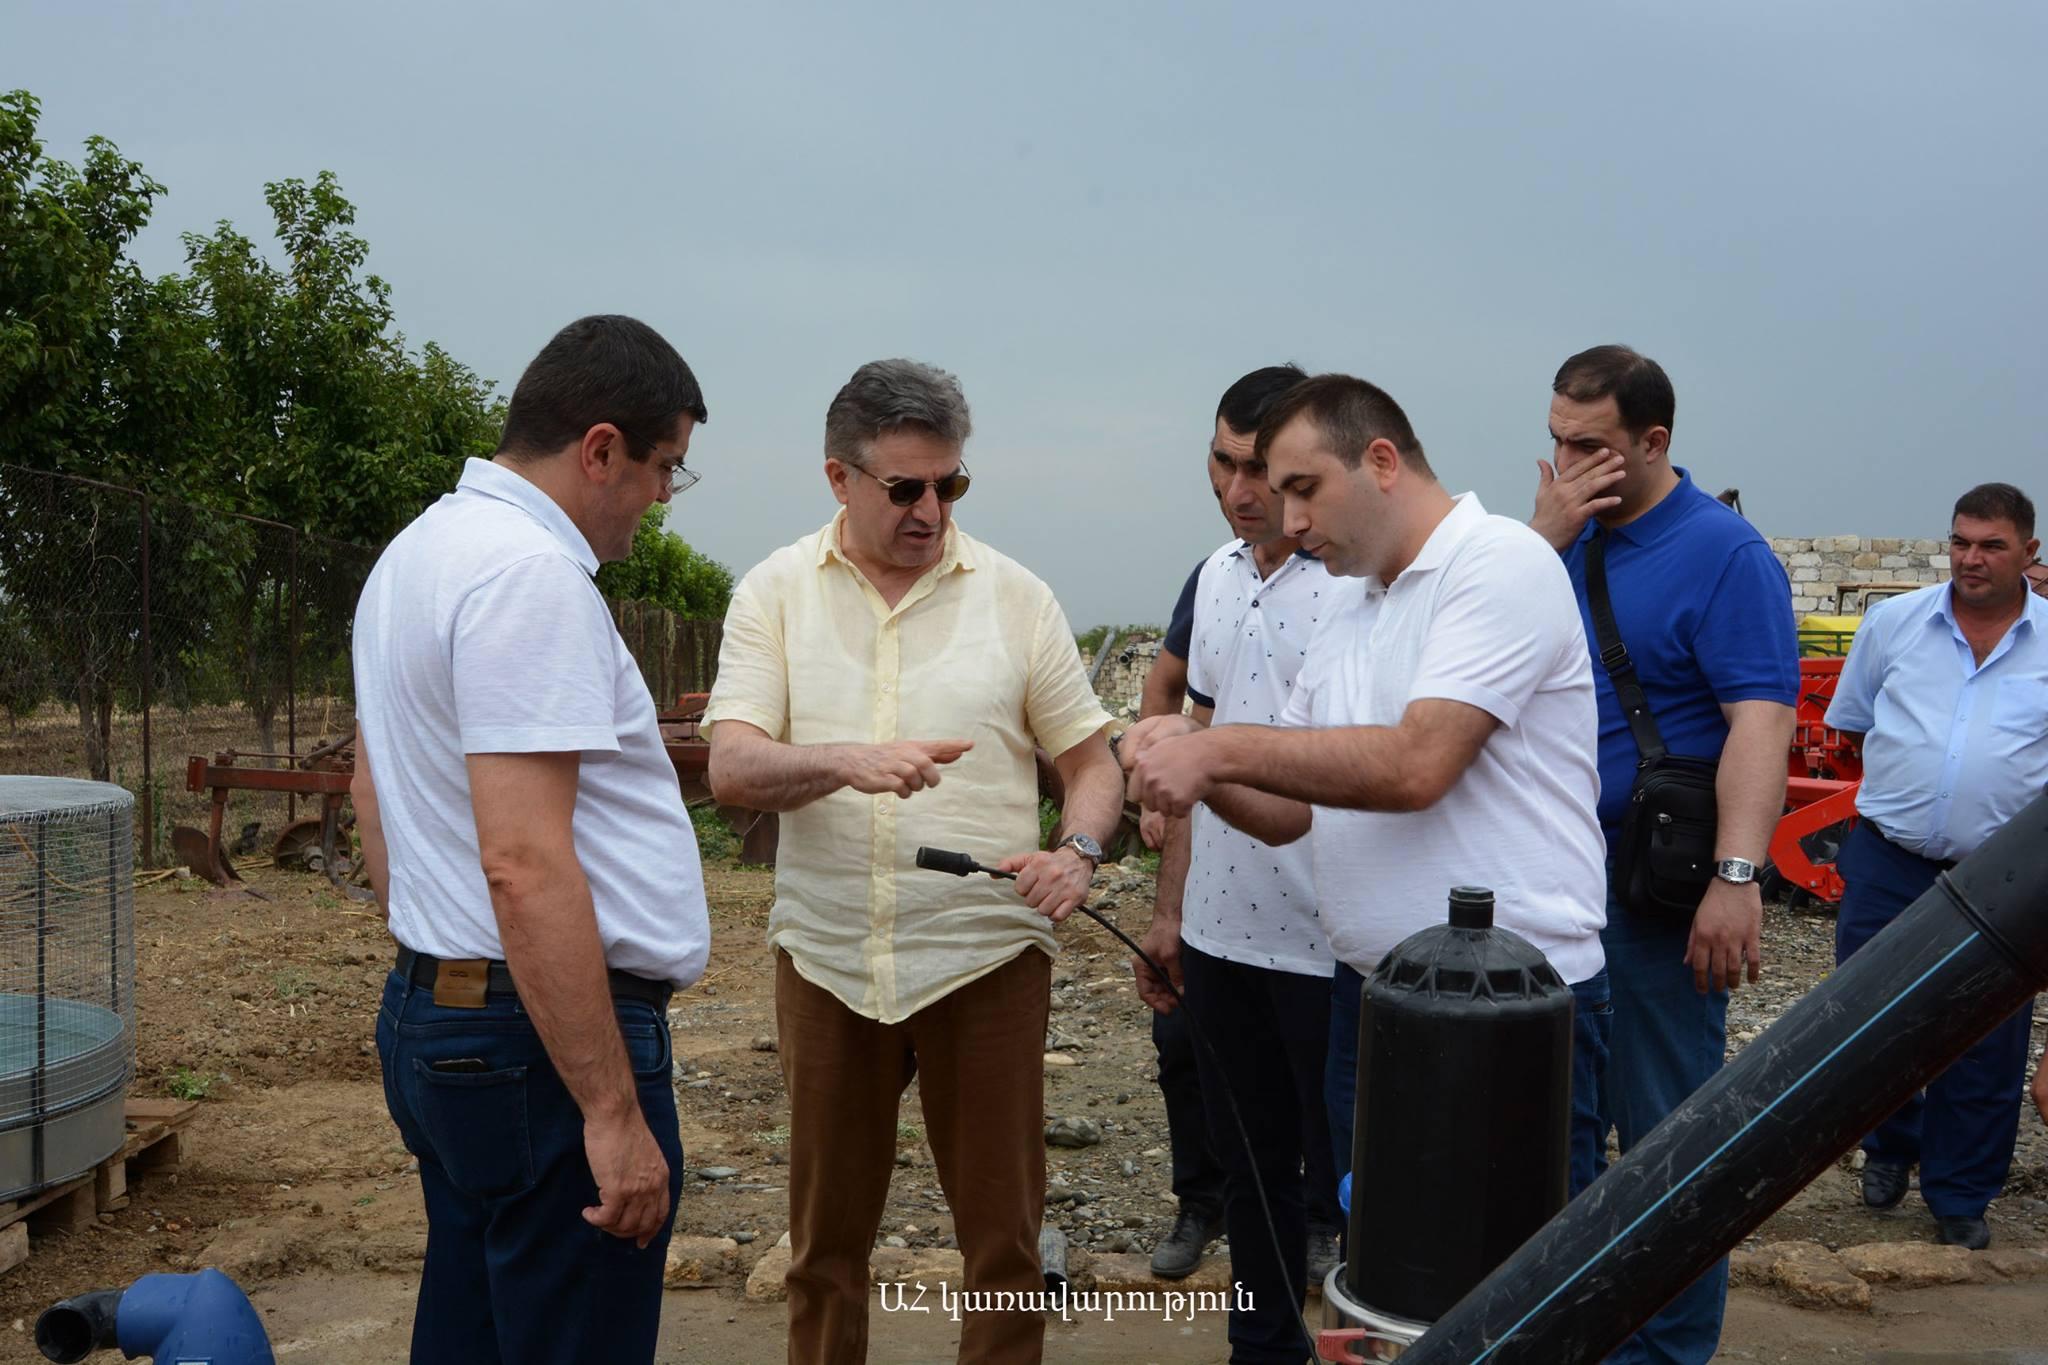 Հայաստանի և Արցախի վարչապետները ծանոթացել են Թալիշի վերականգնման աշխատանքներին